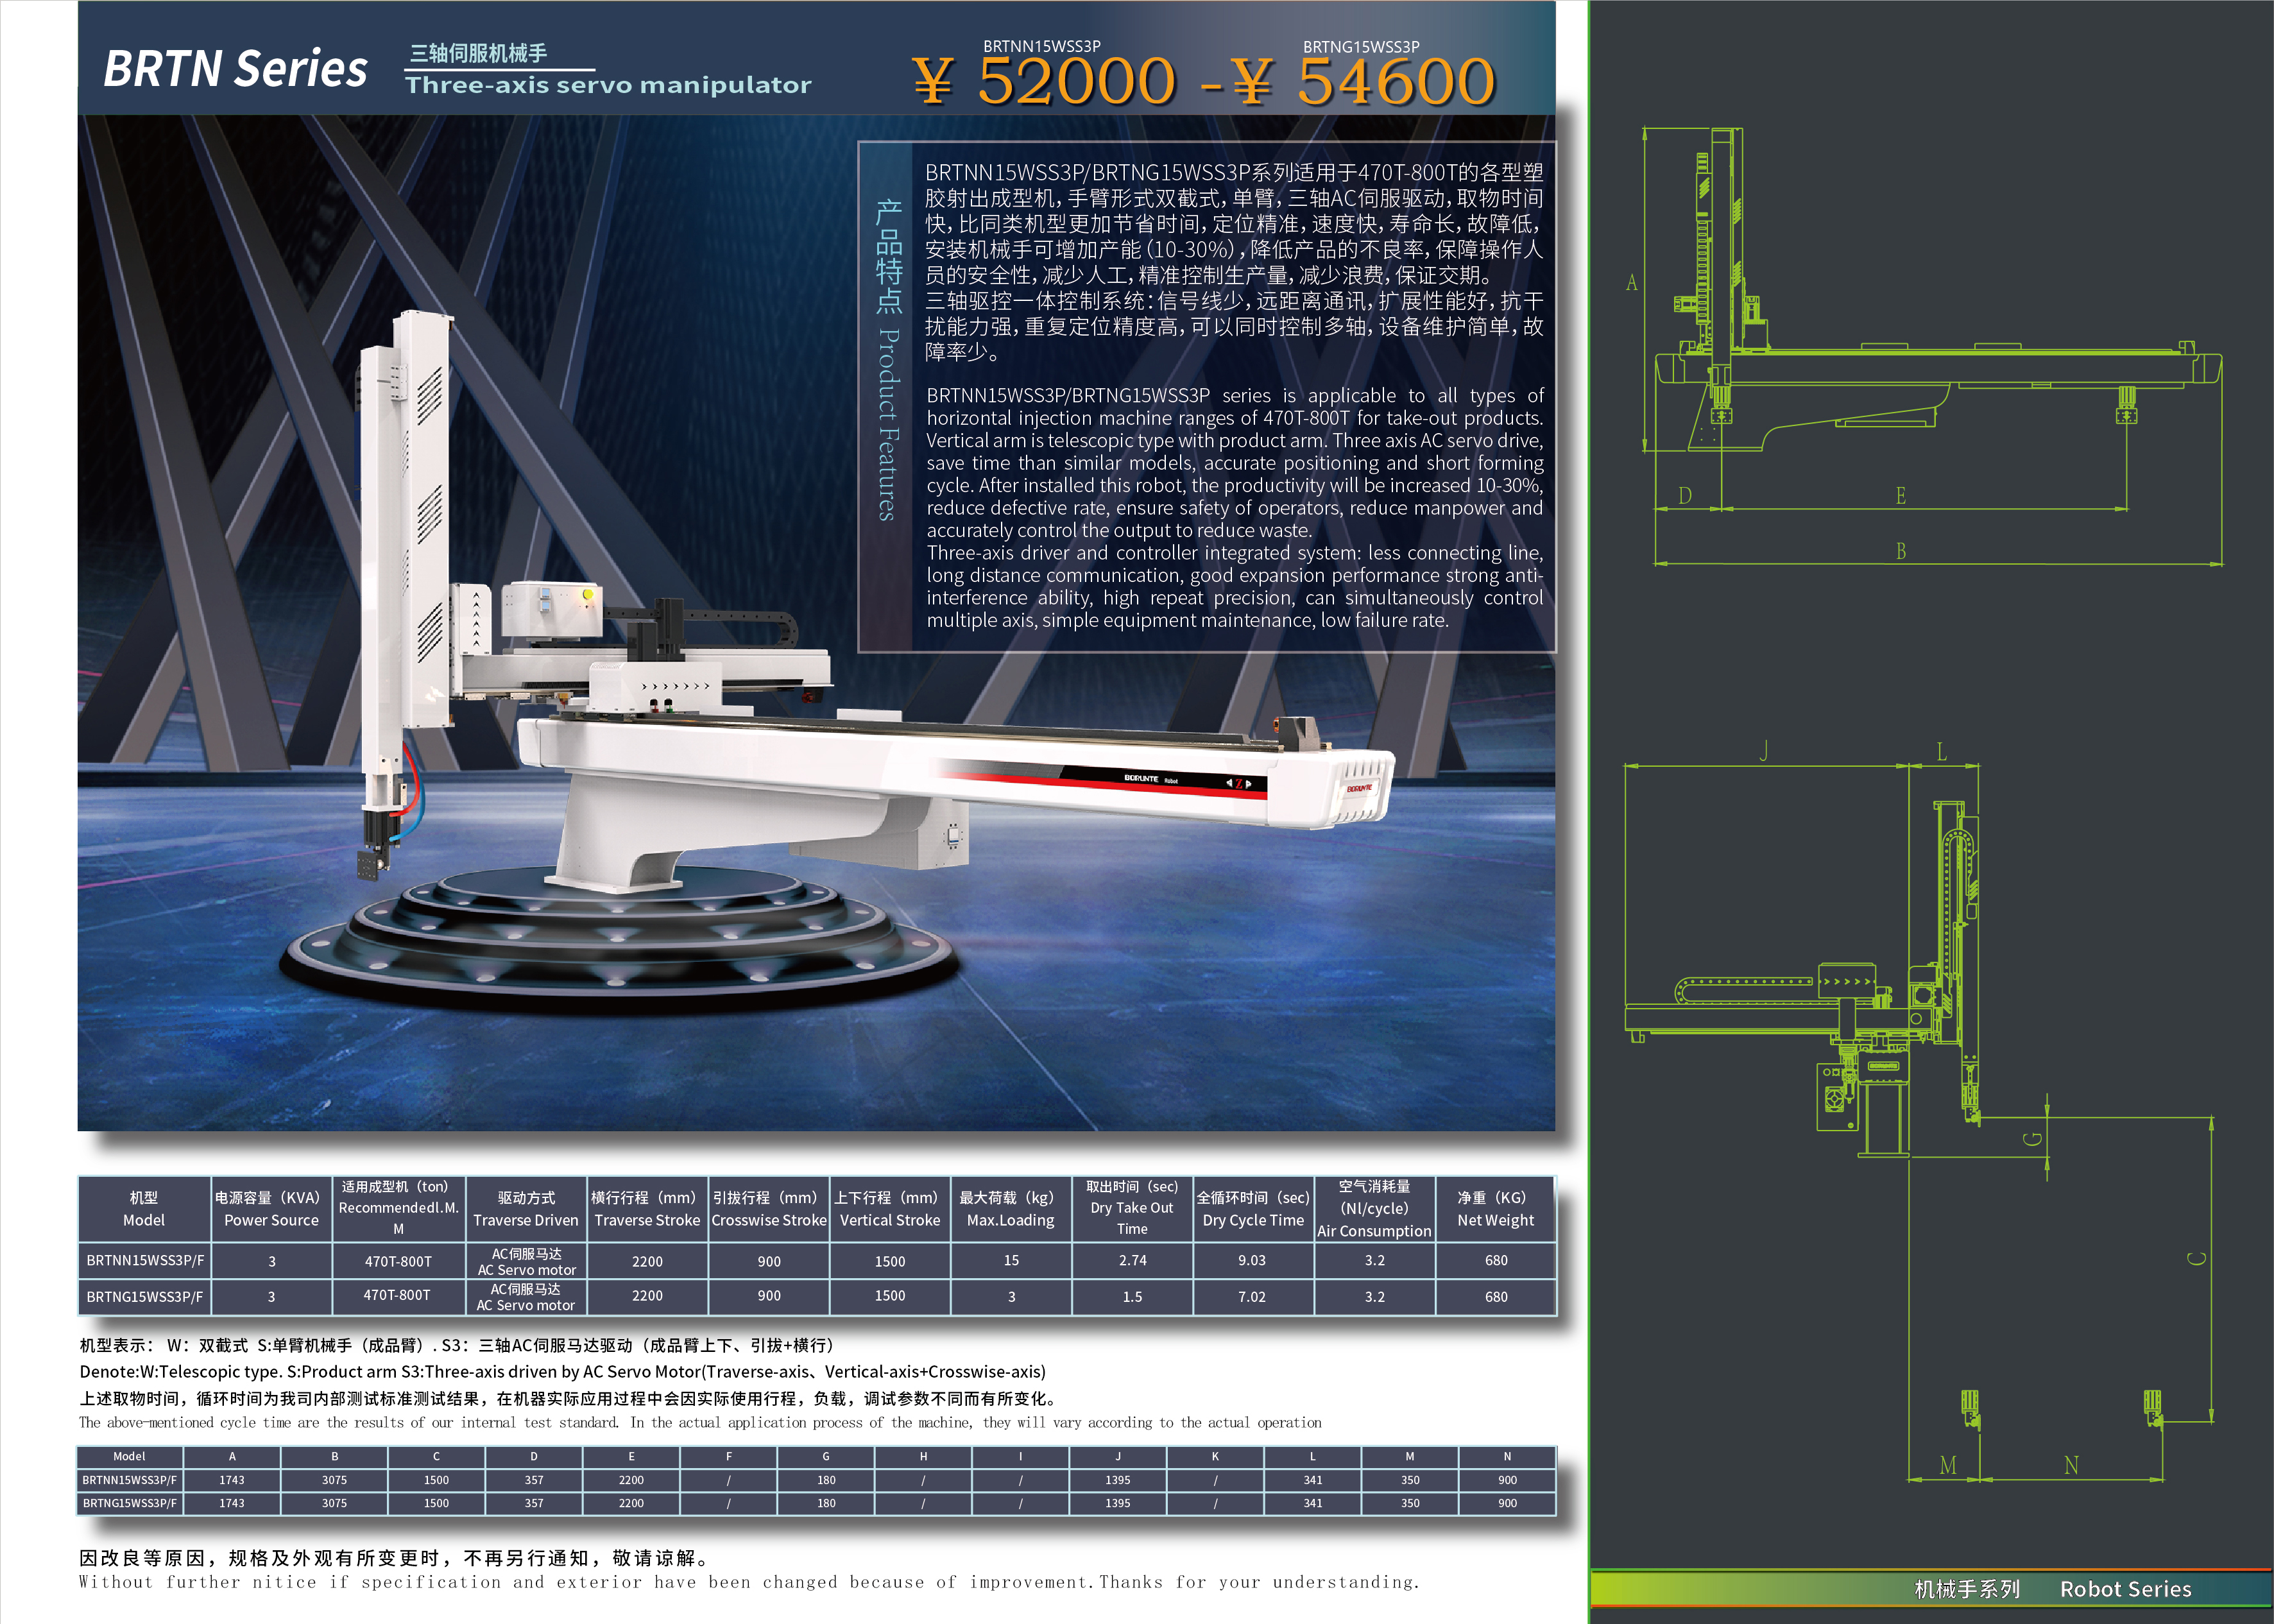 三軸伺服機械手BRTNN15WSS3P.jpg